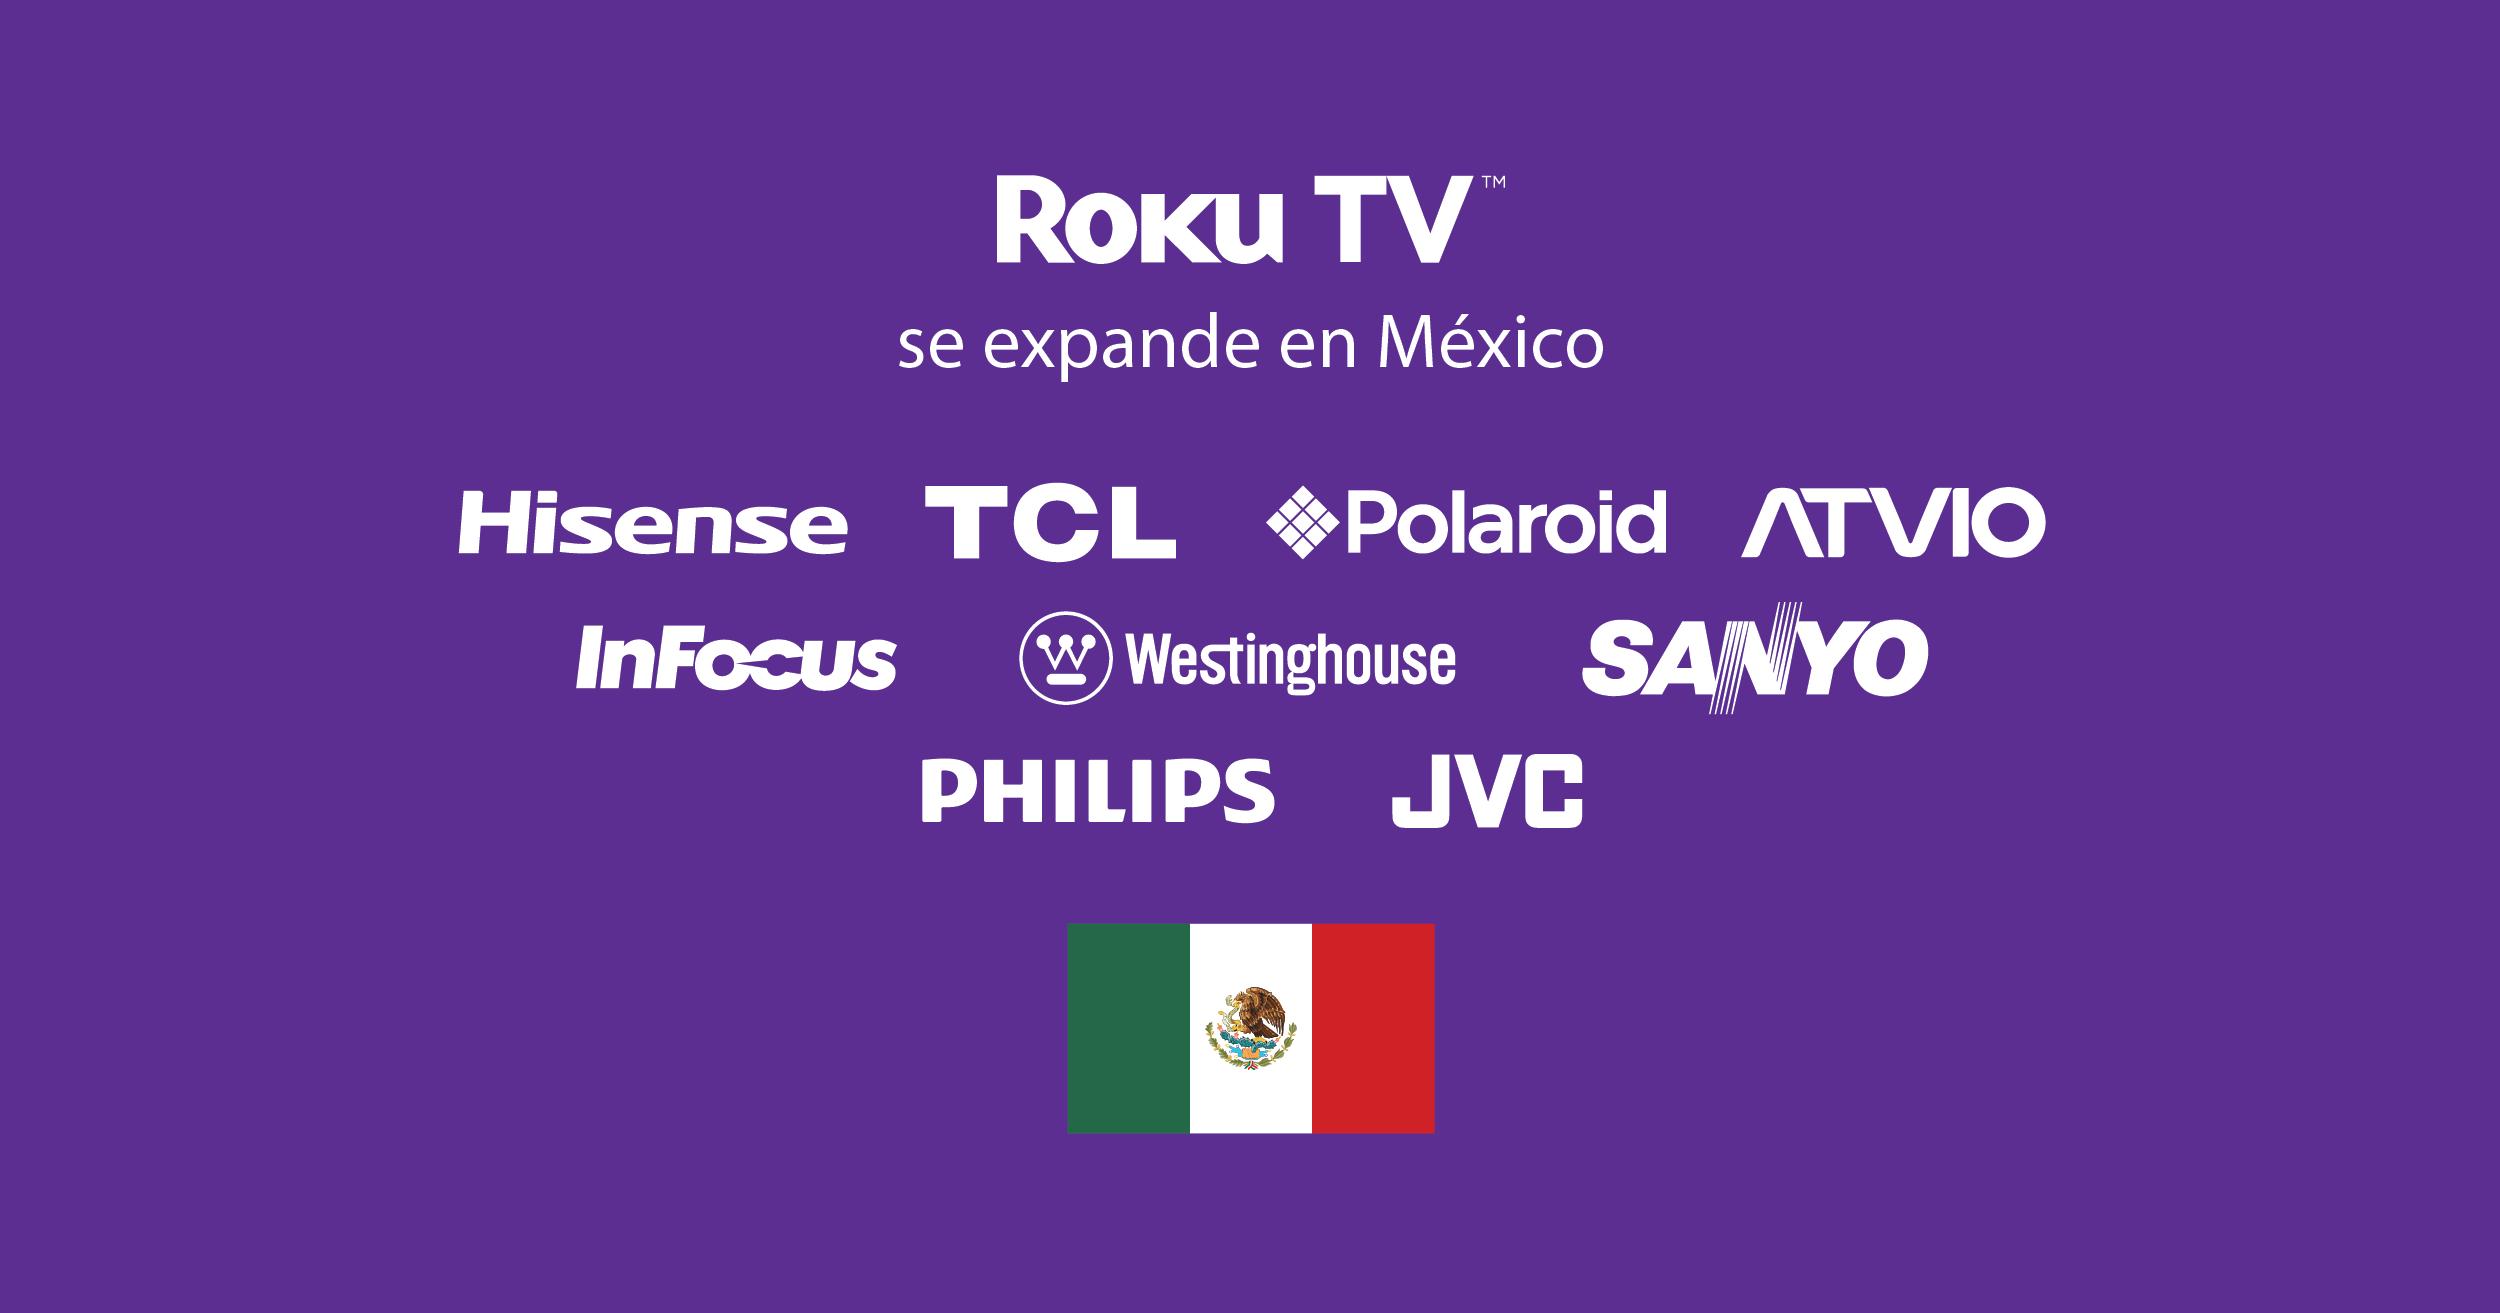 CES 2020: Roku TV crece en México